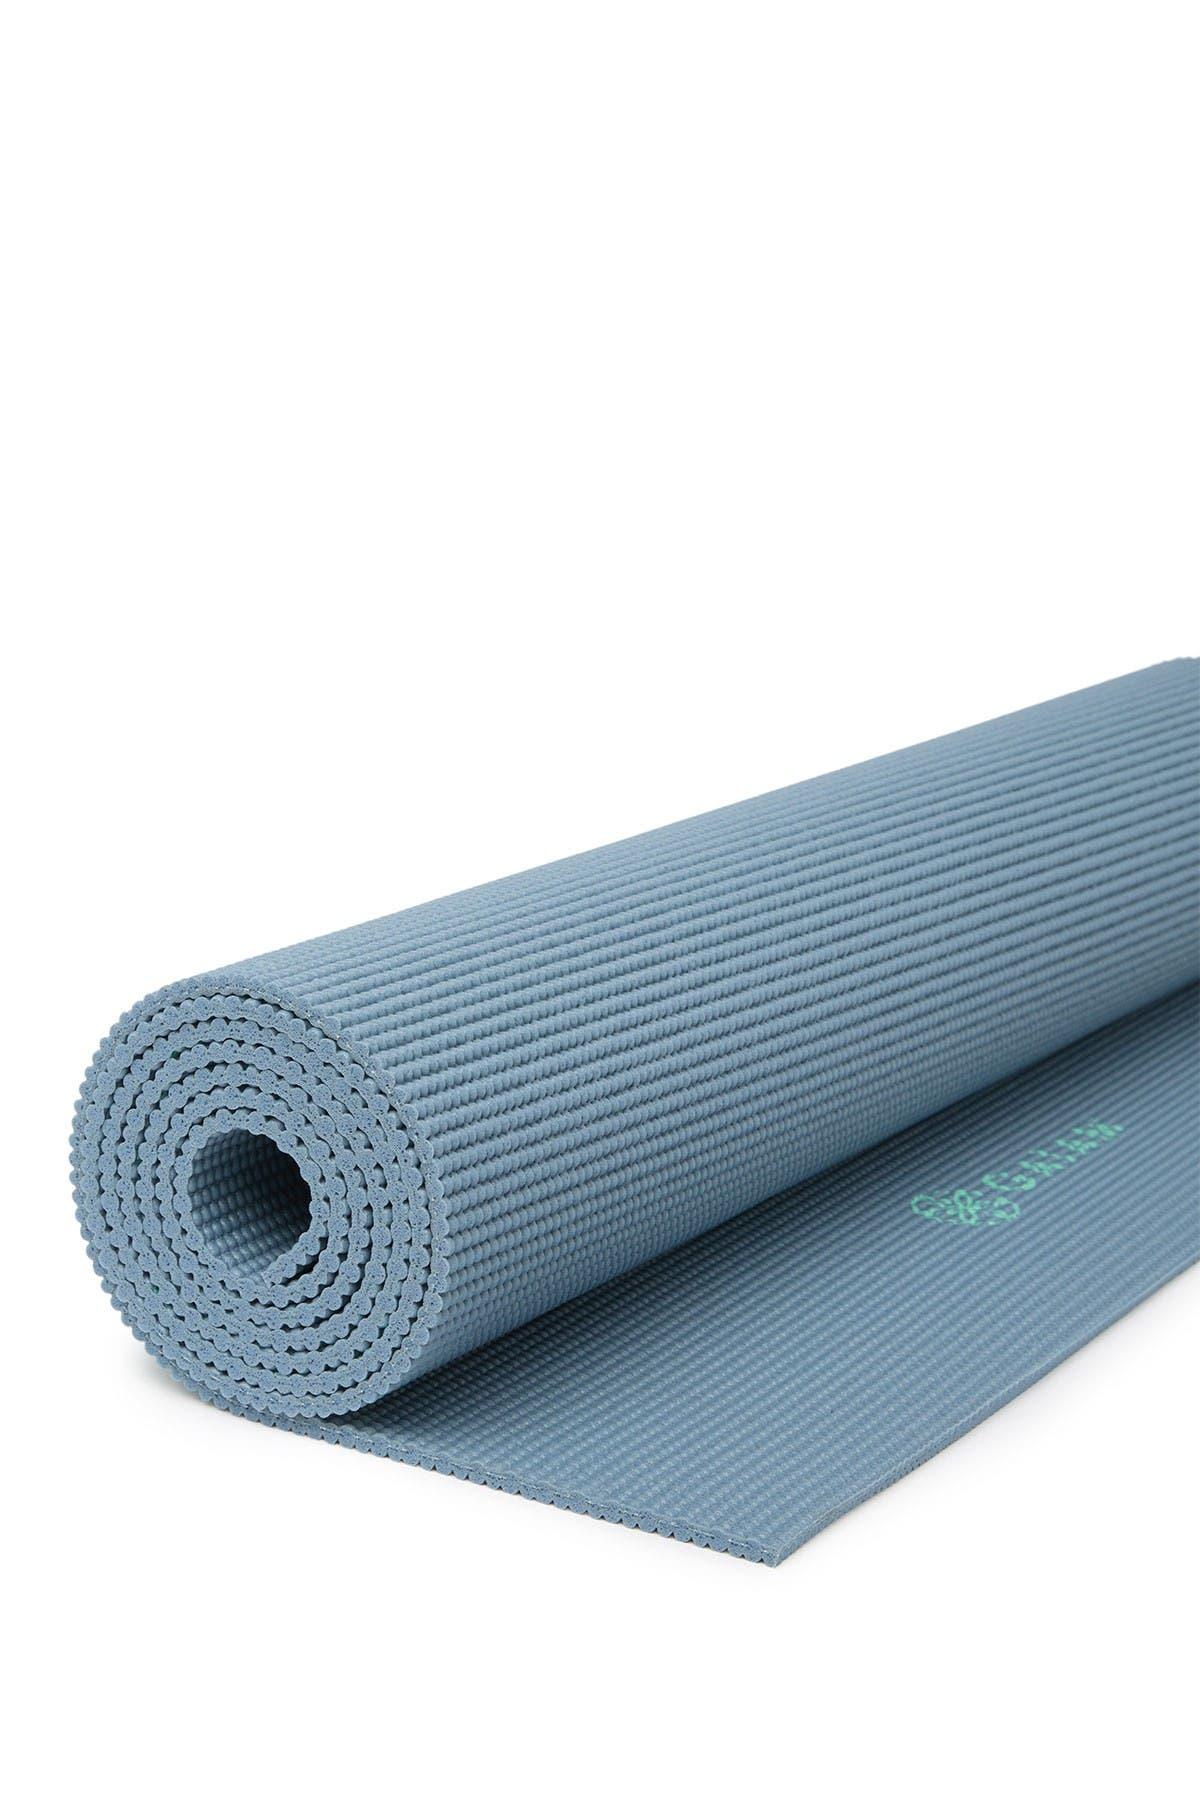 Image of Gaiam Printed Blue Yoga Mat